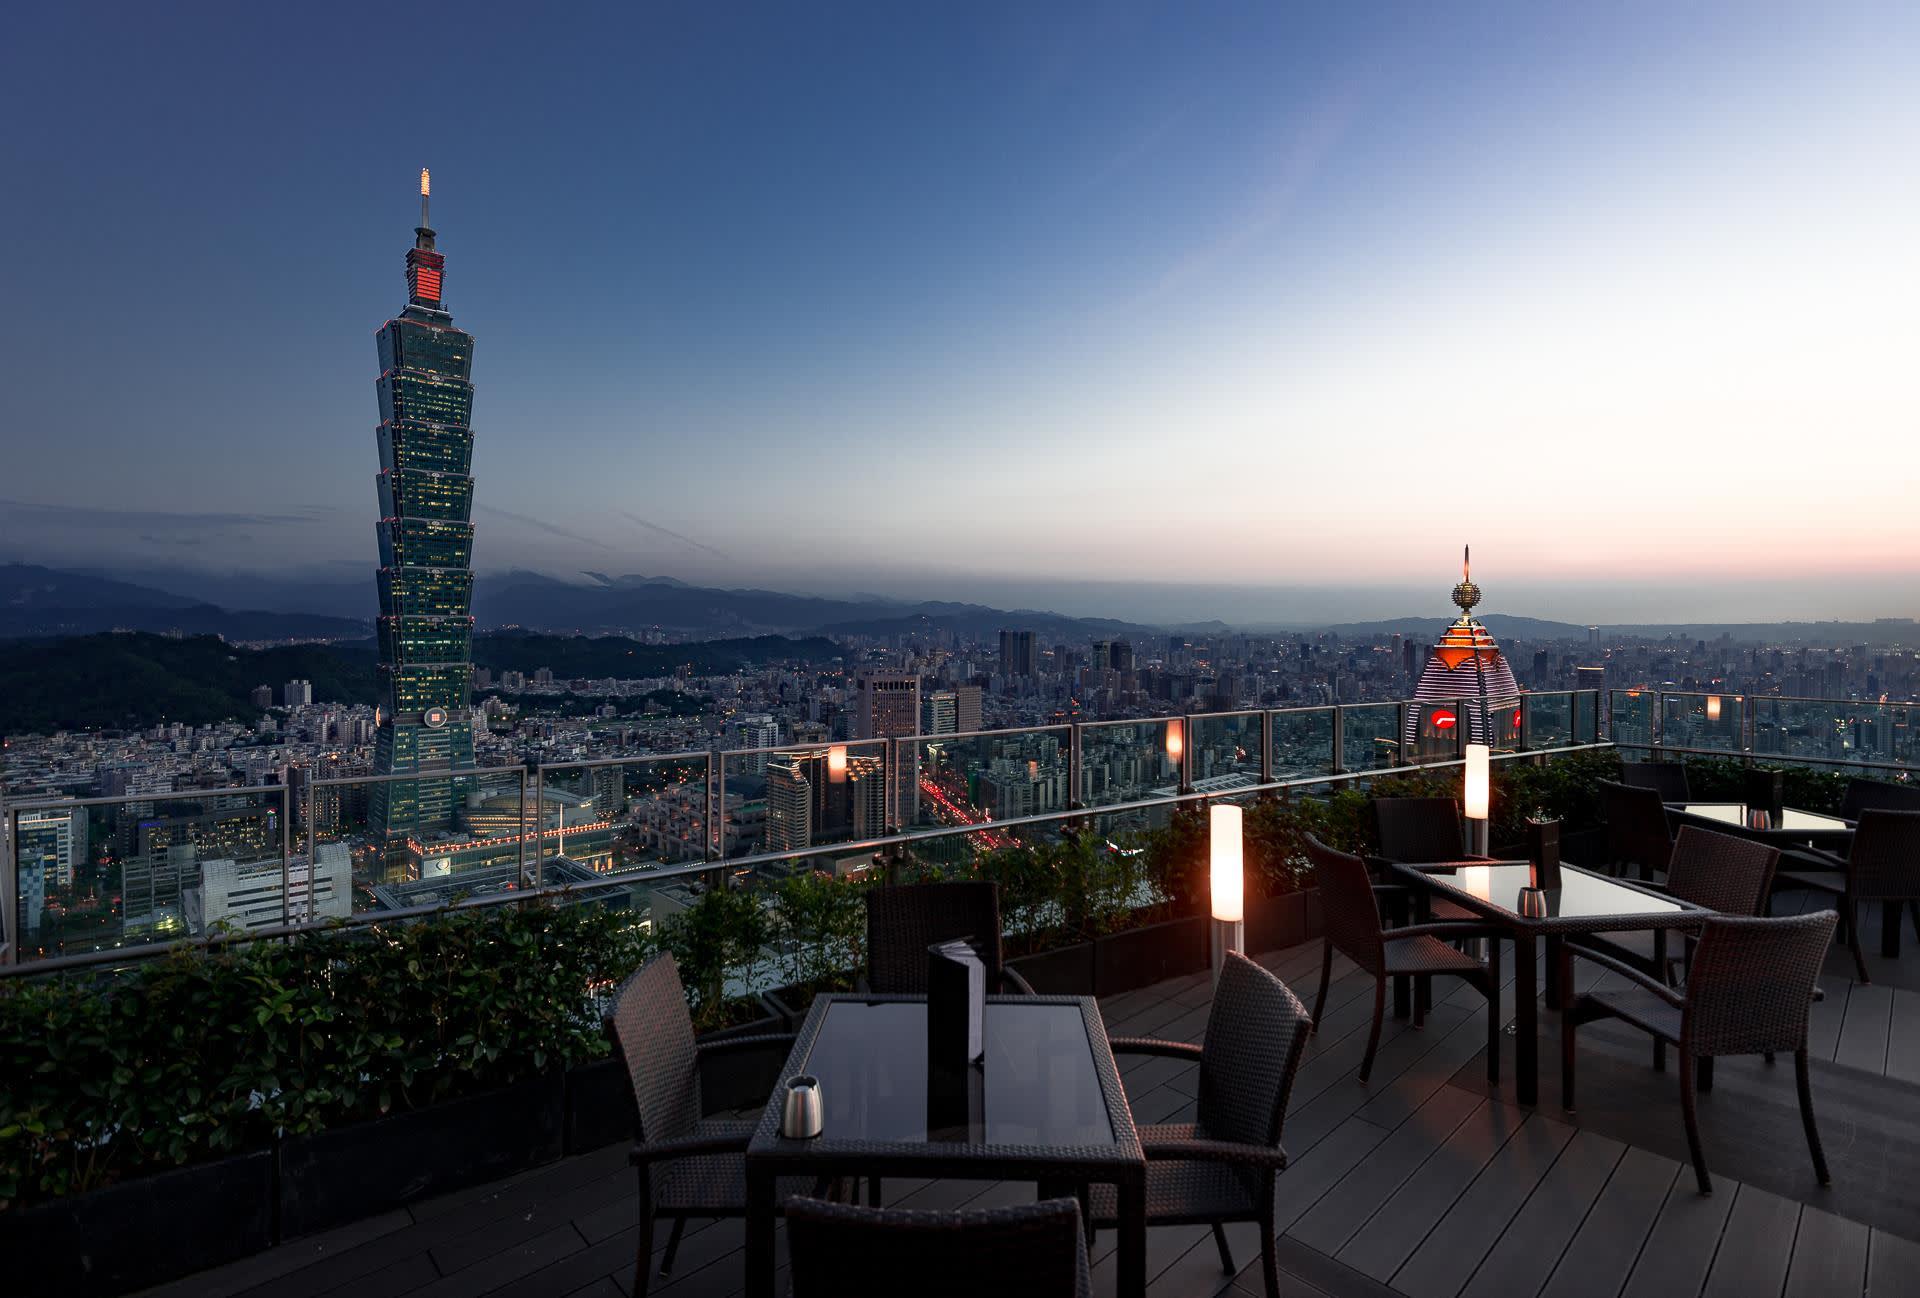 照 片 來 源 :Morton's The Steakhouse - Taipei 台 北 莫 爾 頓 牛 排 館 CC by 2.0